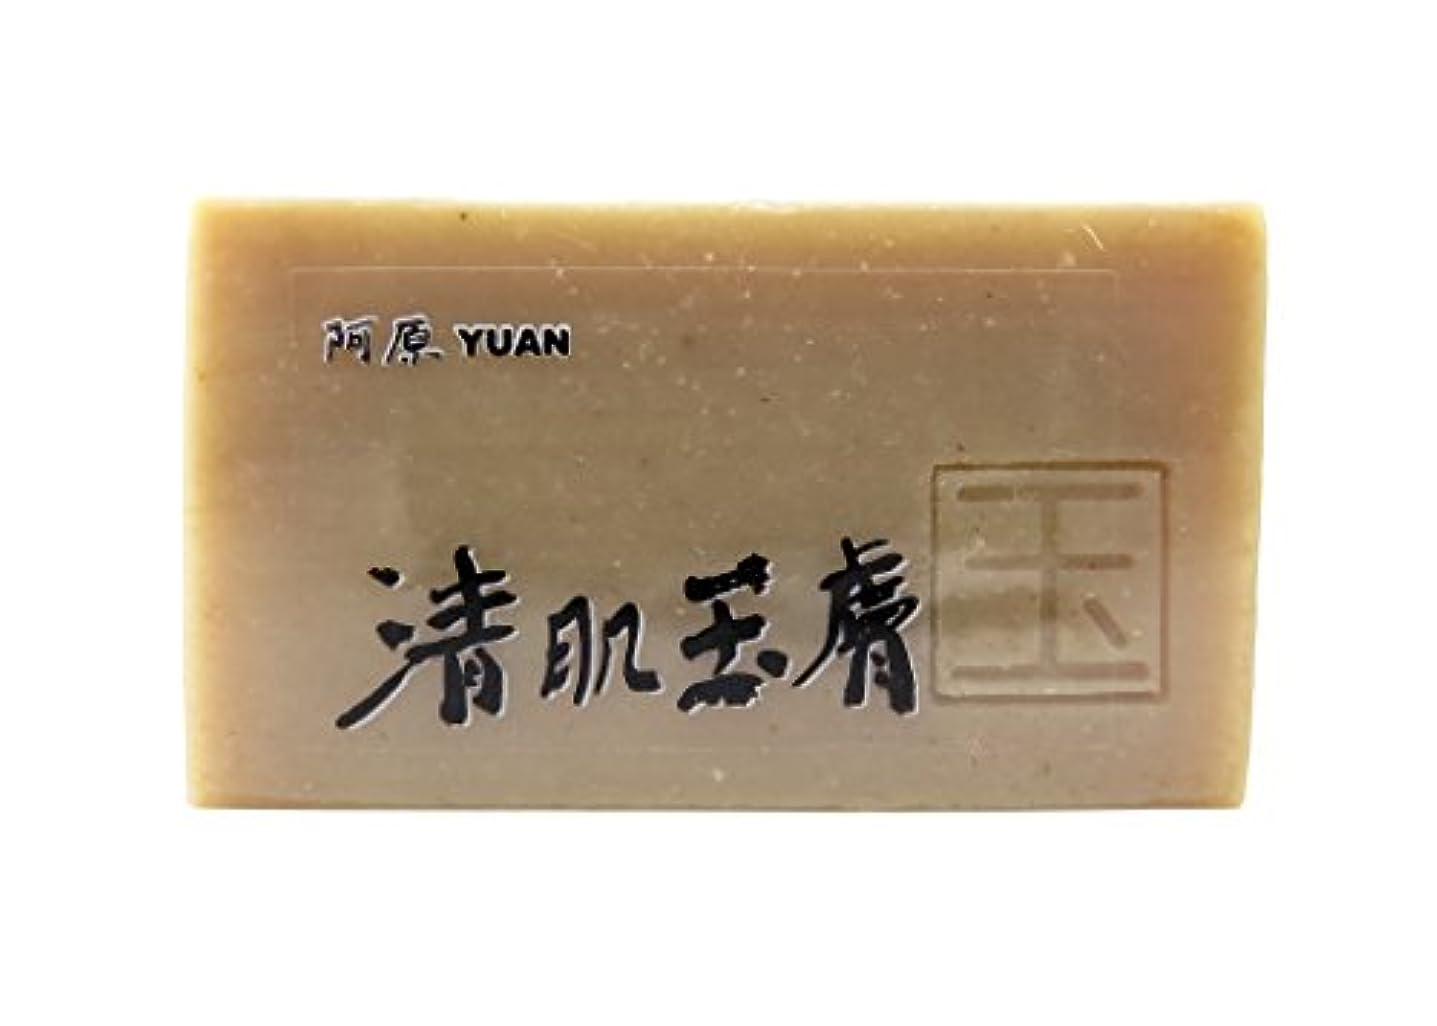 味方倒産甥ユアン(YUAN) 清玉(せいぎょく)ソープ 固形 100g (阿原 ユアンソープ)